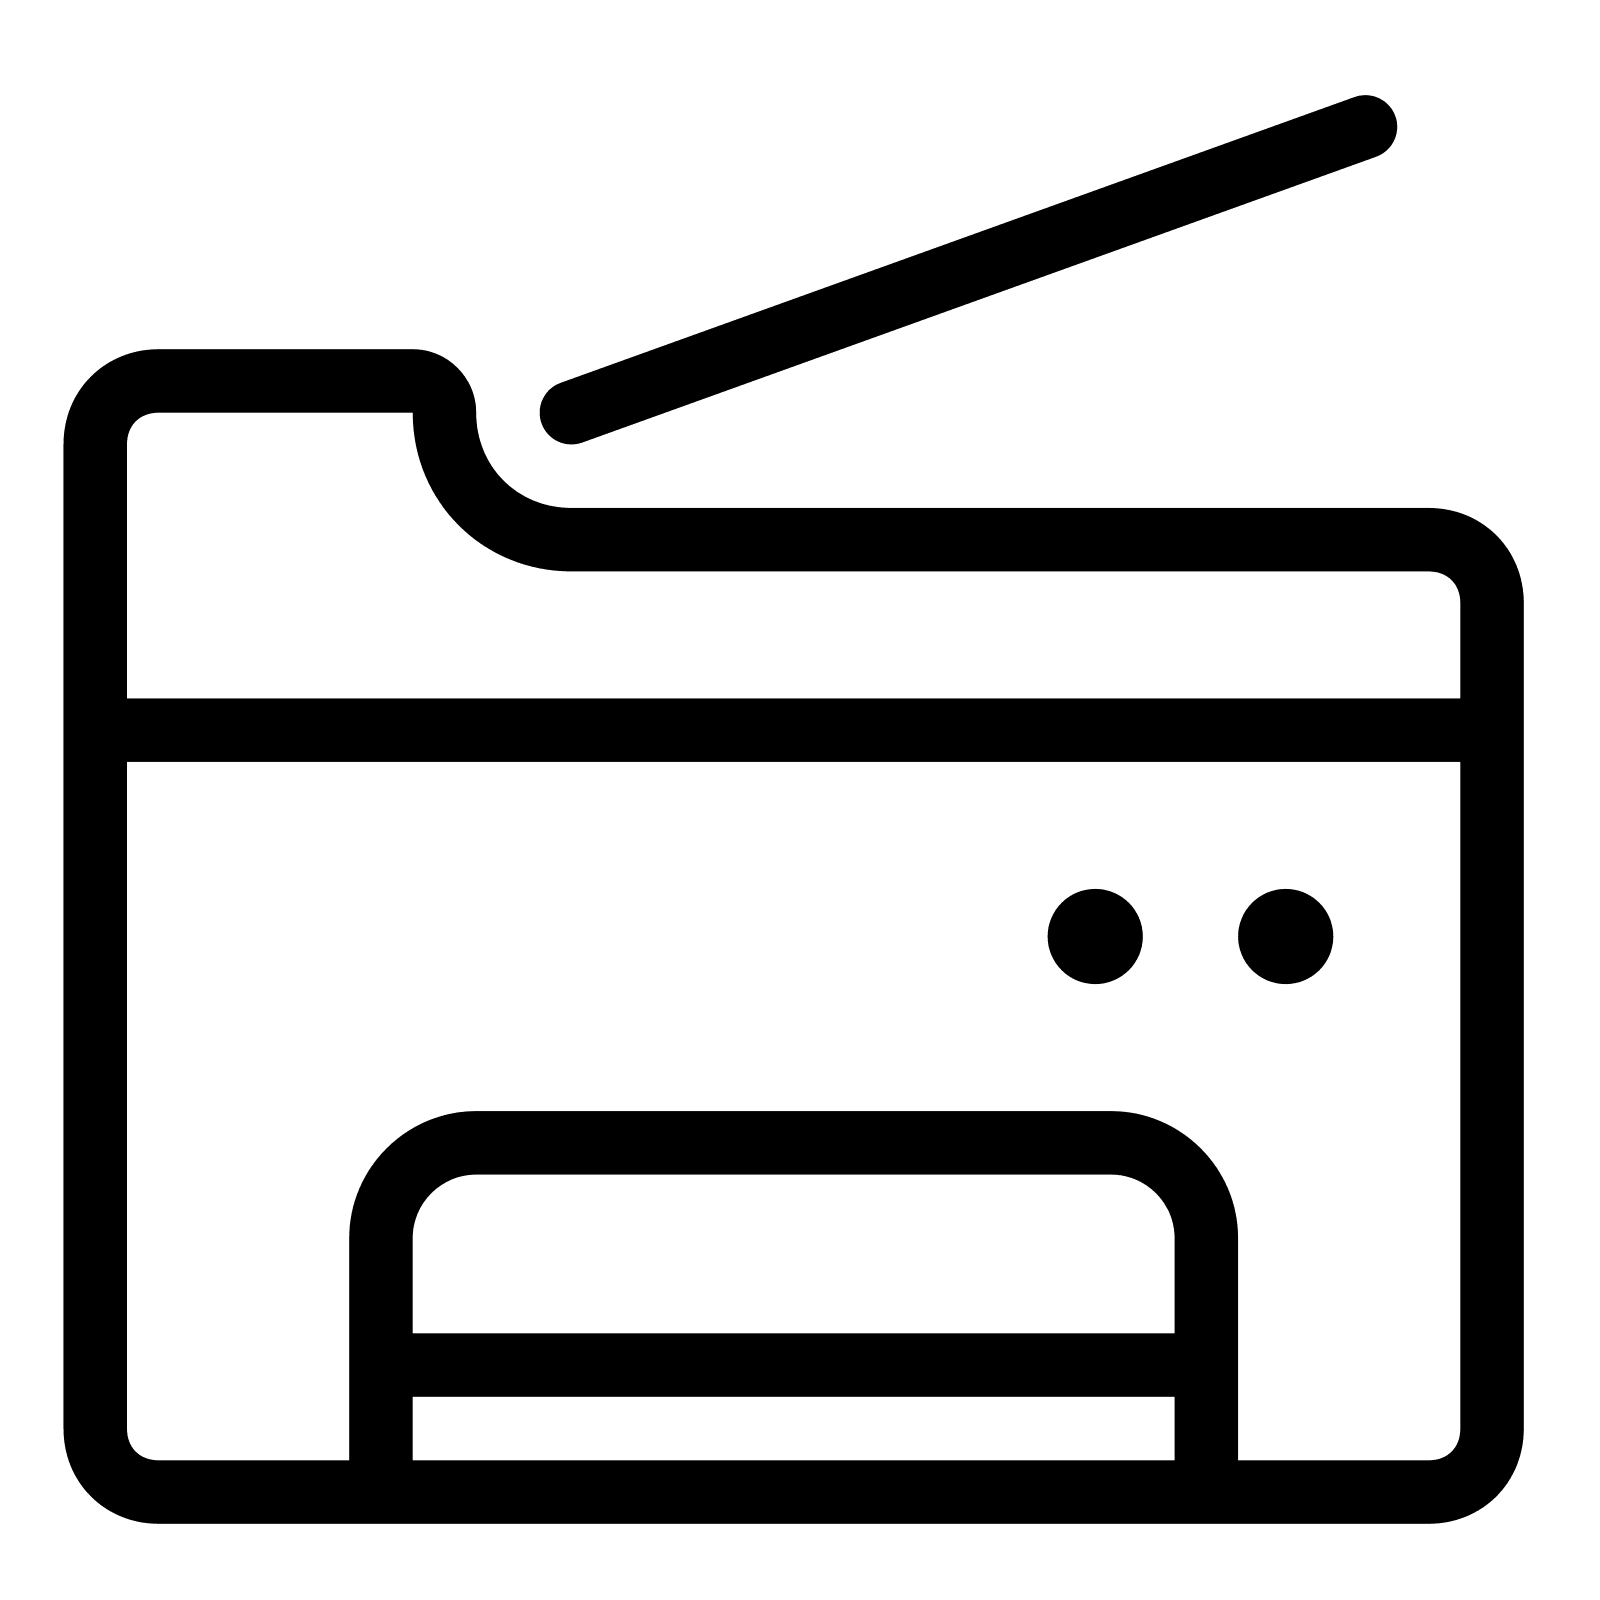 Kopierer Icon. PNG 50 px - PNG Kopierer